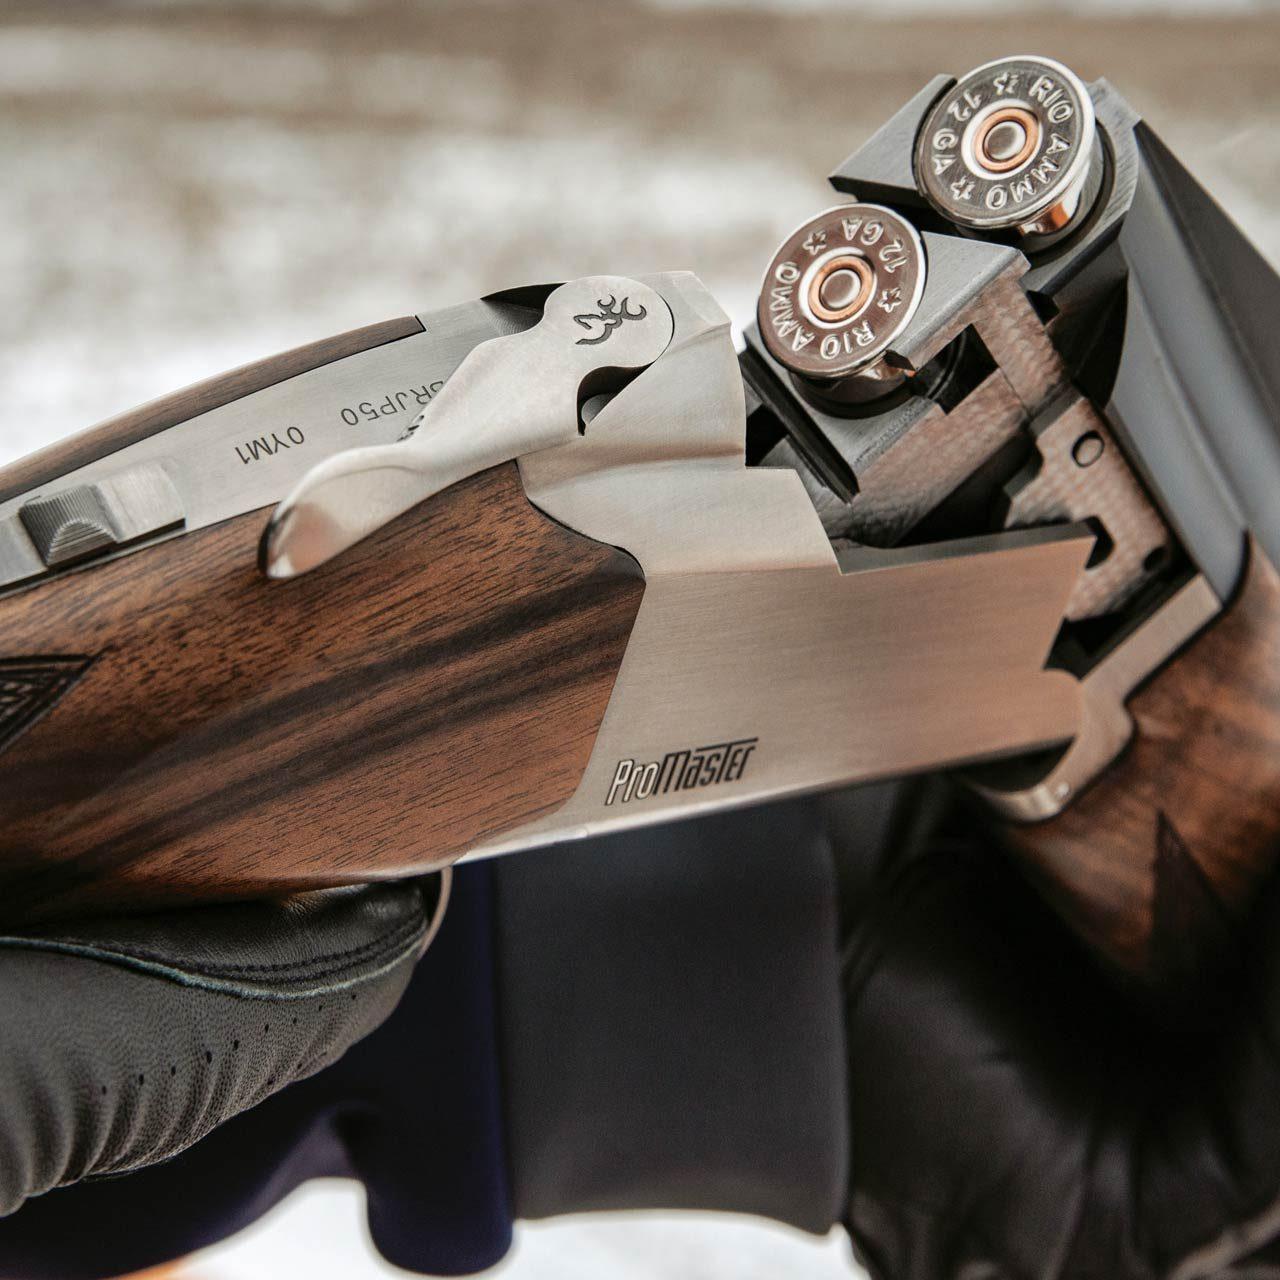 Седьмое поколение Browning 725 Promaster